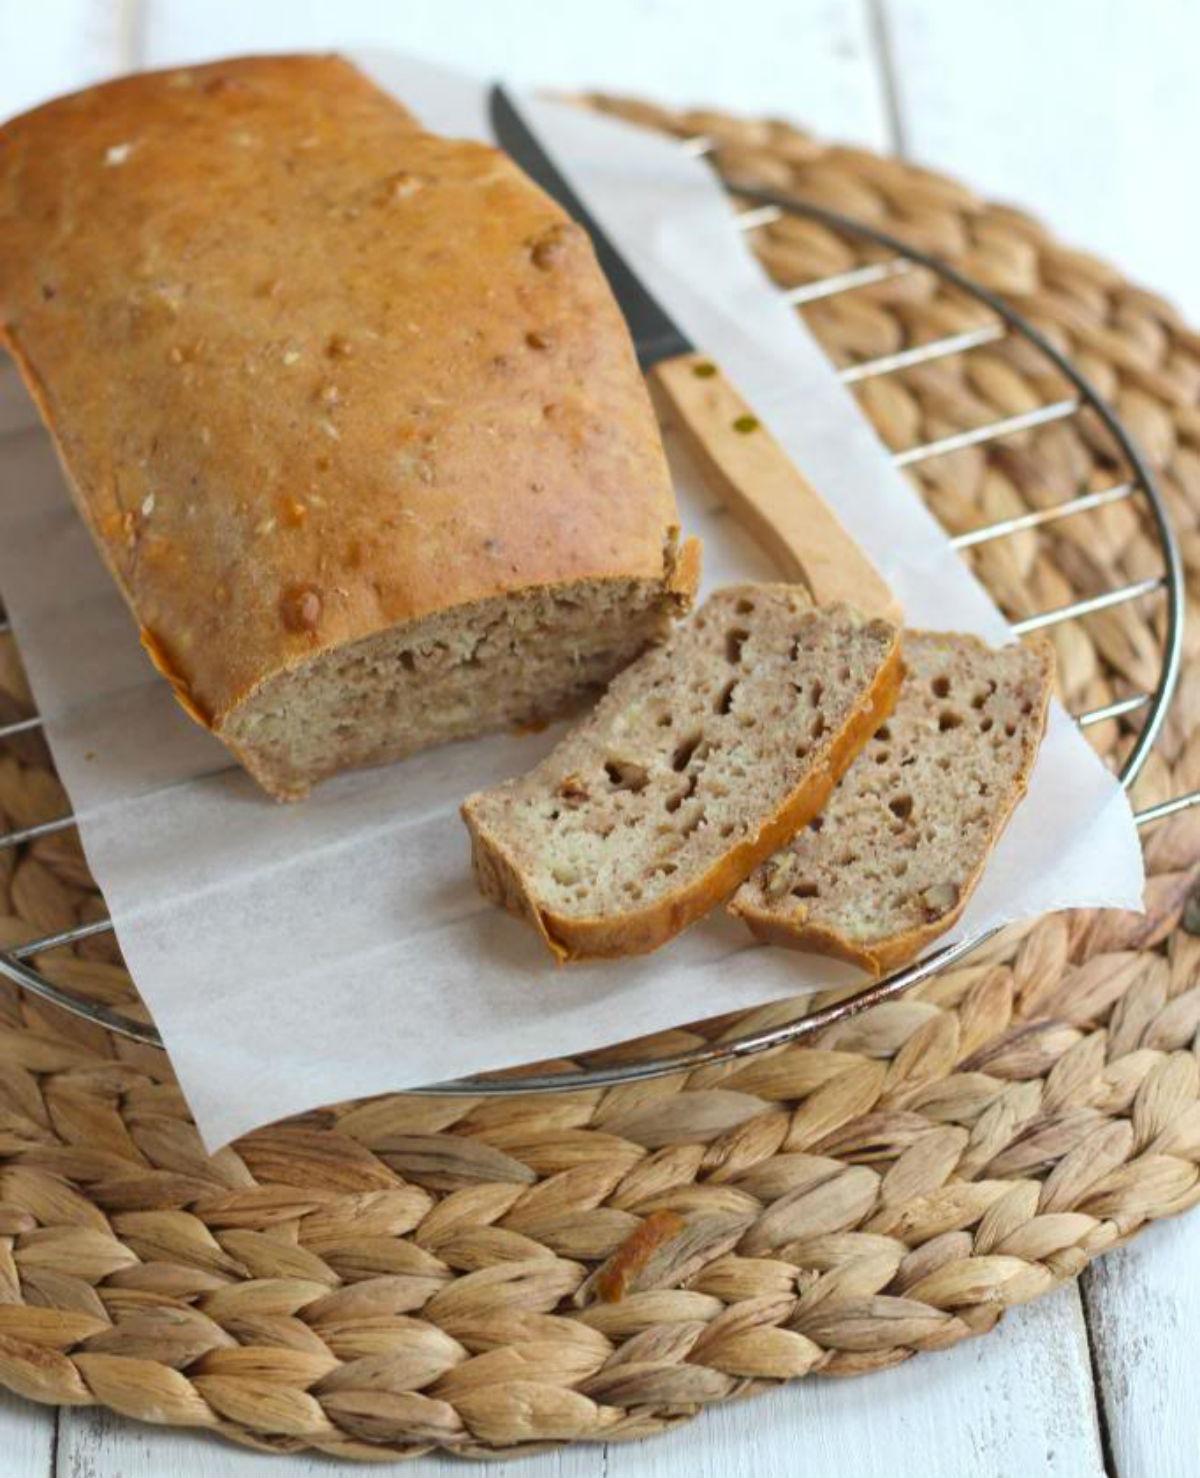 Gezondere versie banana bread